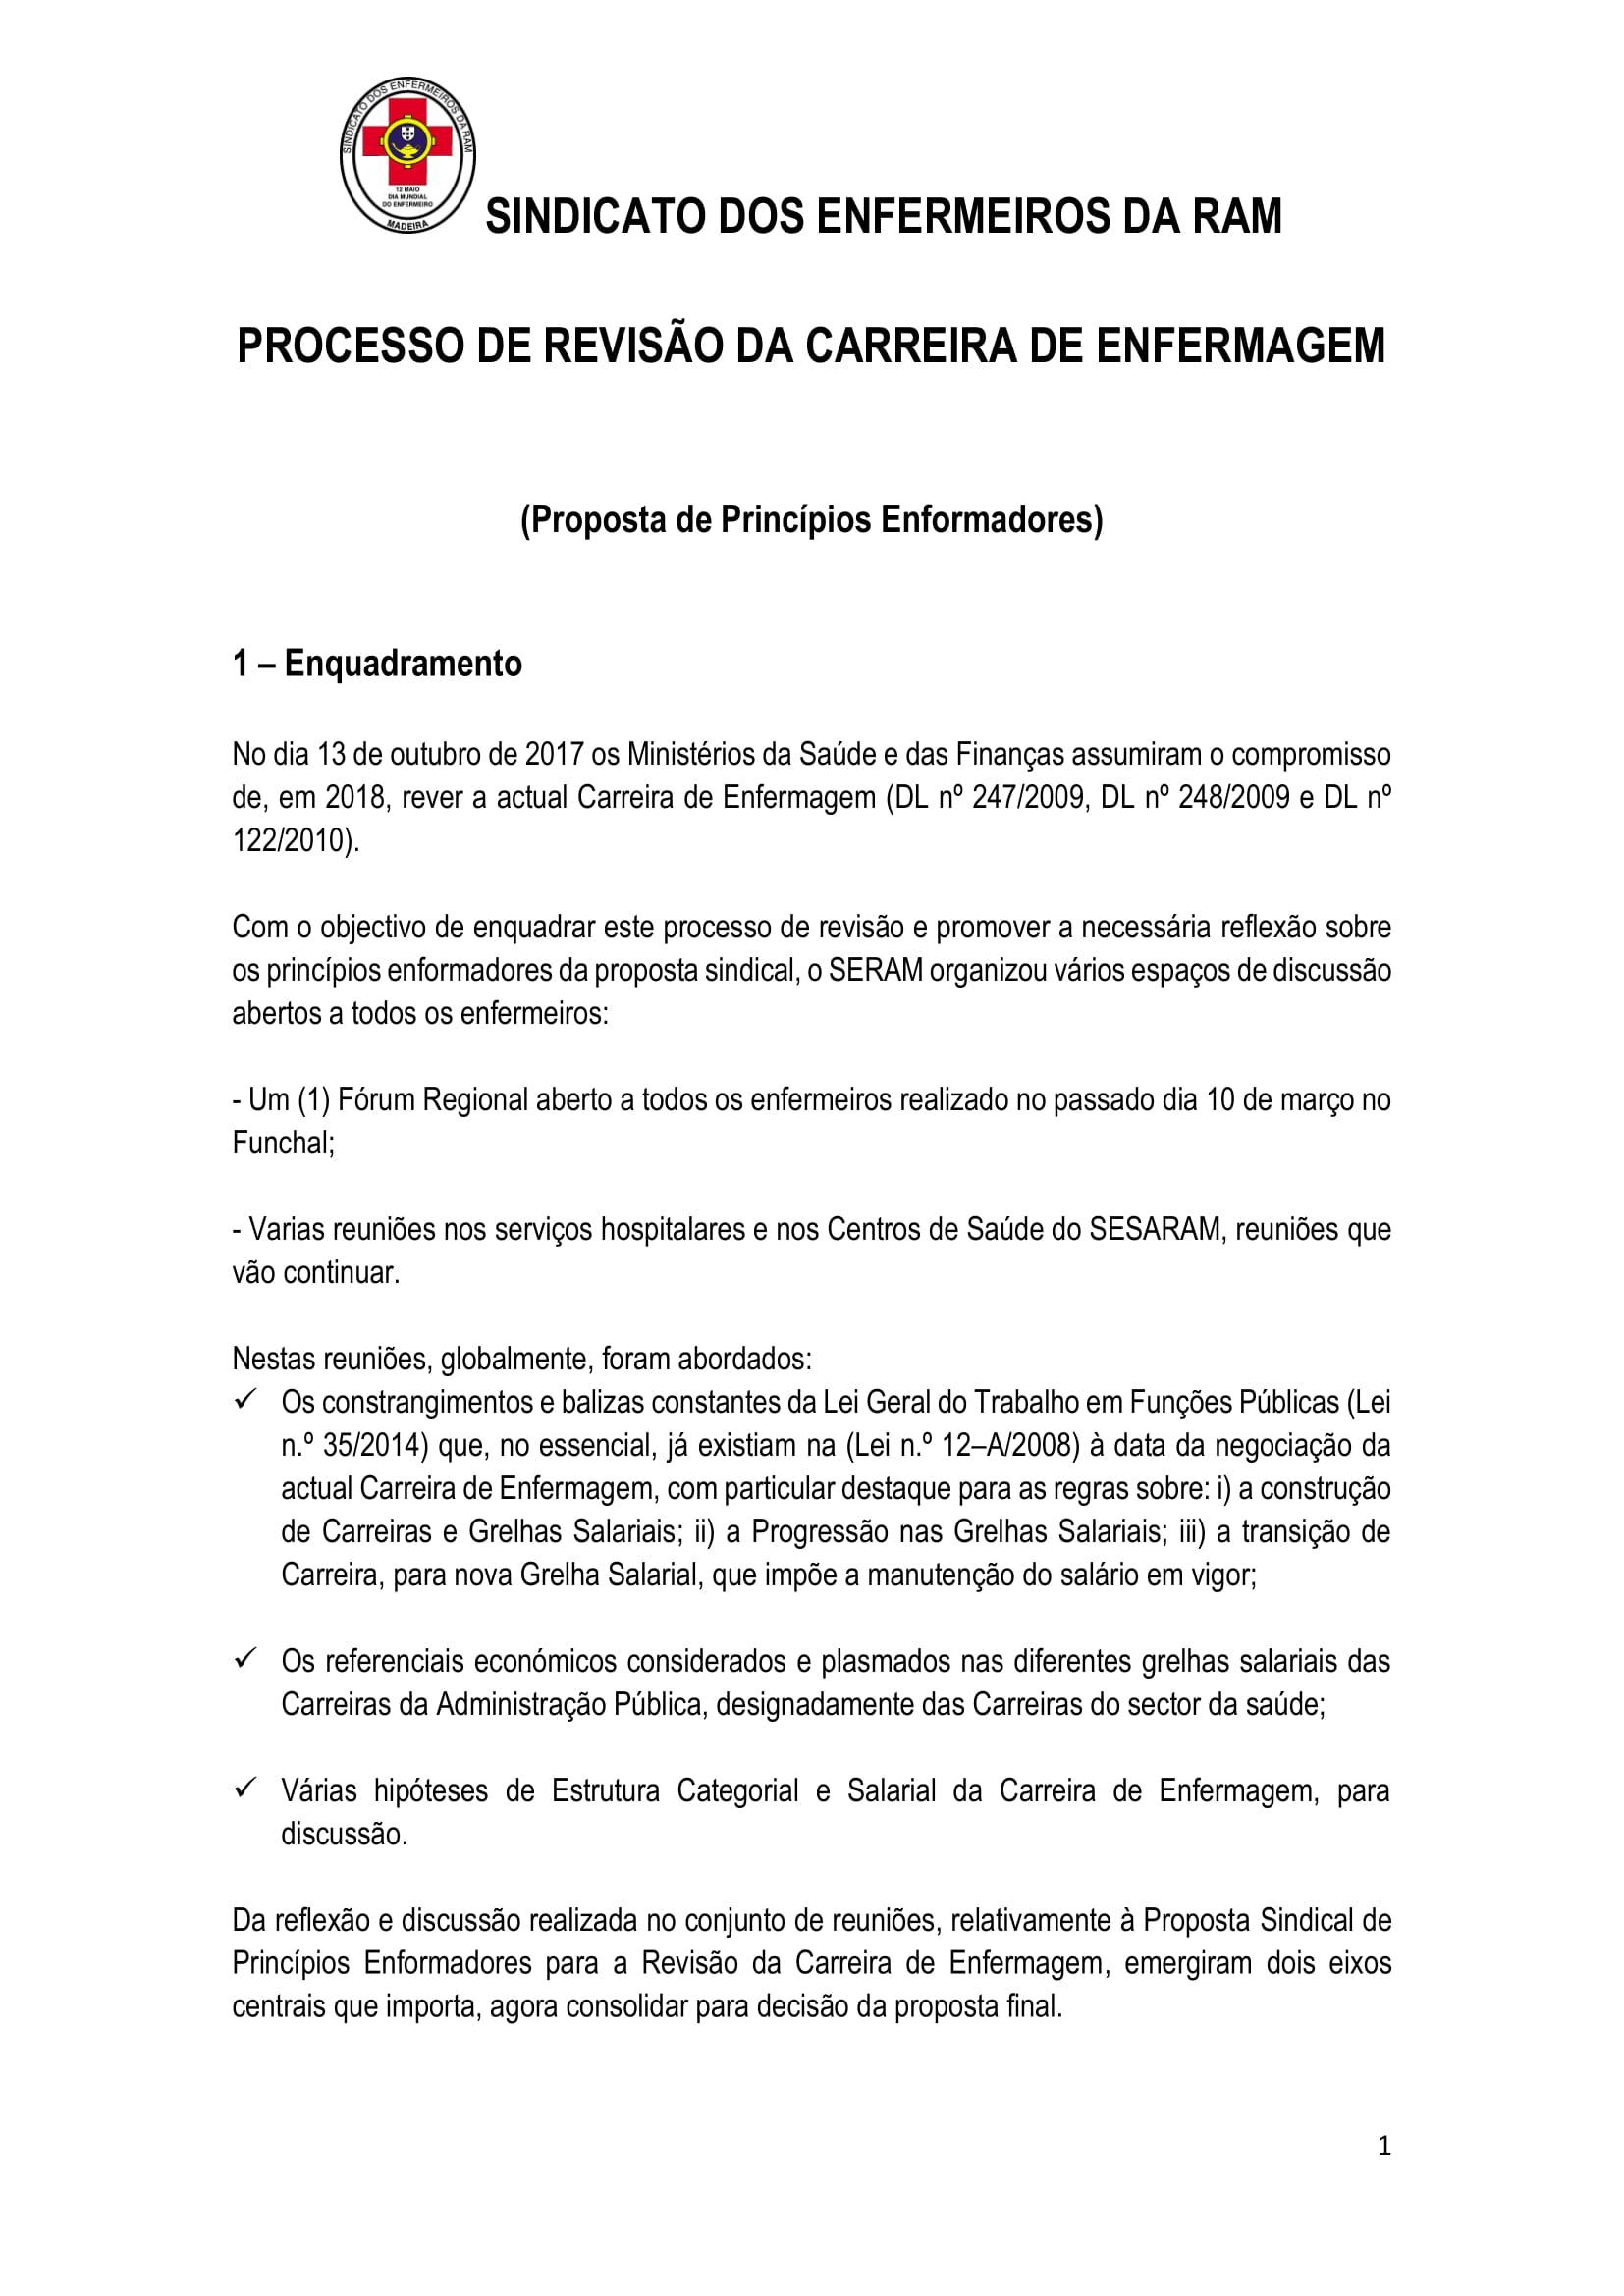 Reviso-carreira-de-enf-proposta-de-princ-enformad-1